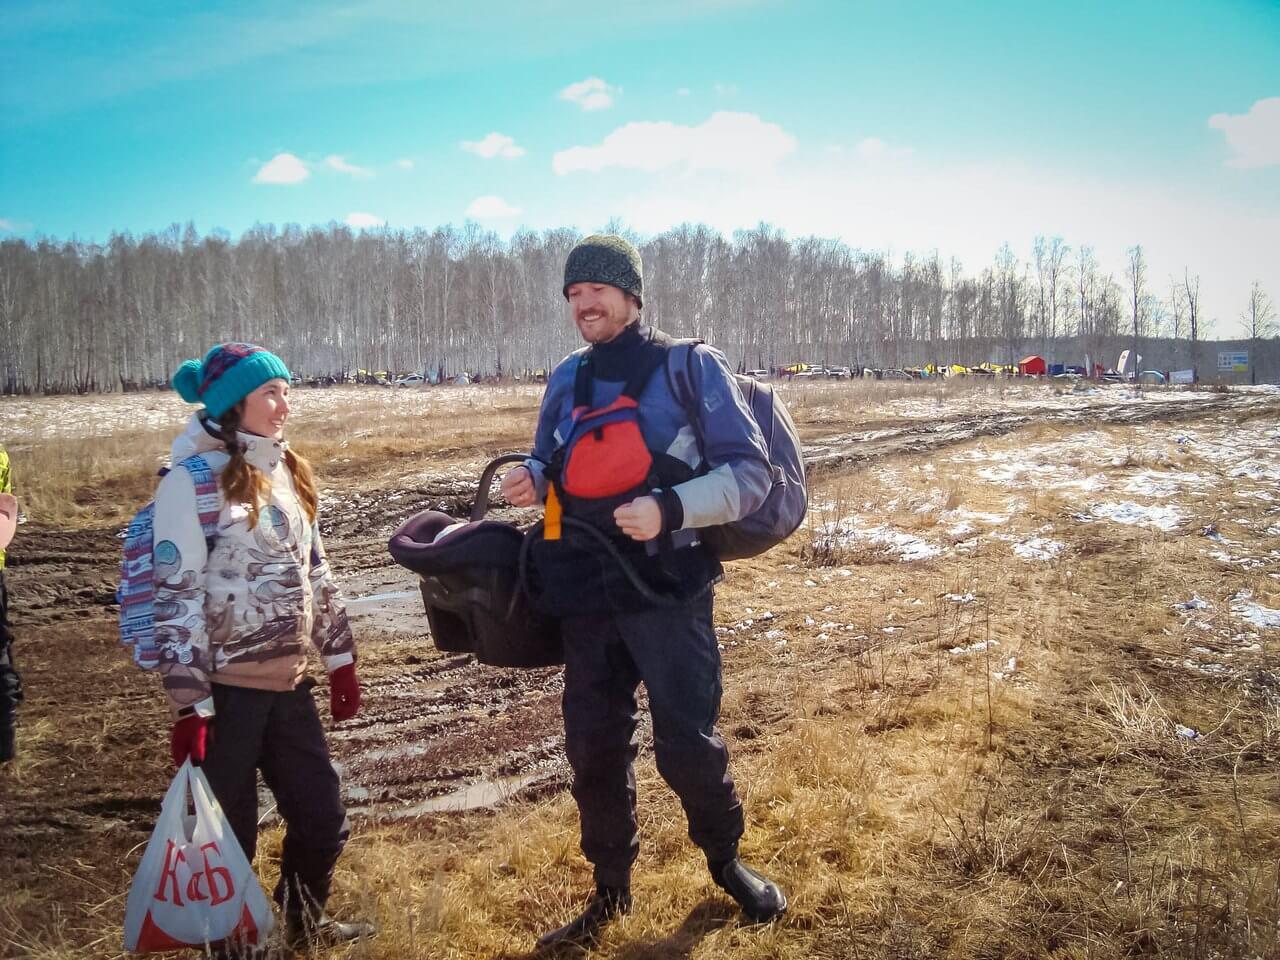 Порог Ревун, Свердловская область, с малышом, с детьми, катамаран, Сплав